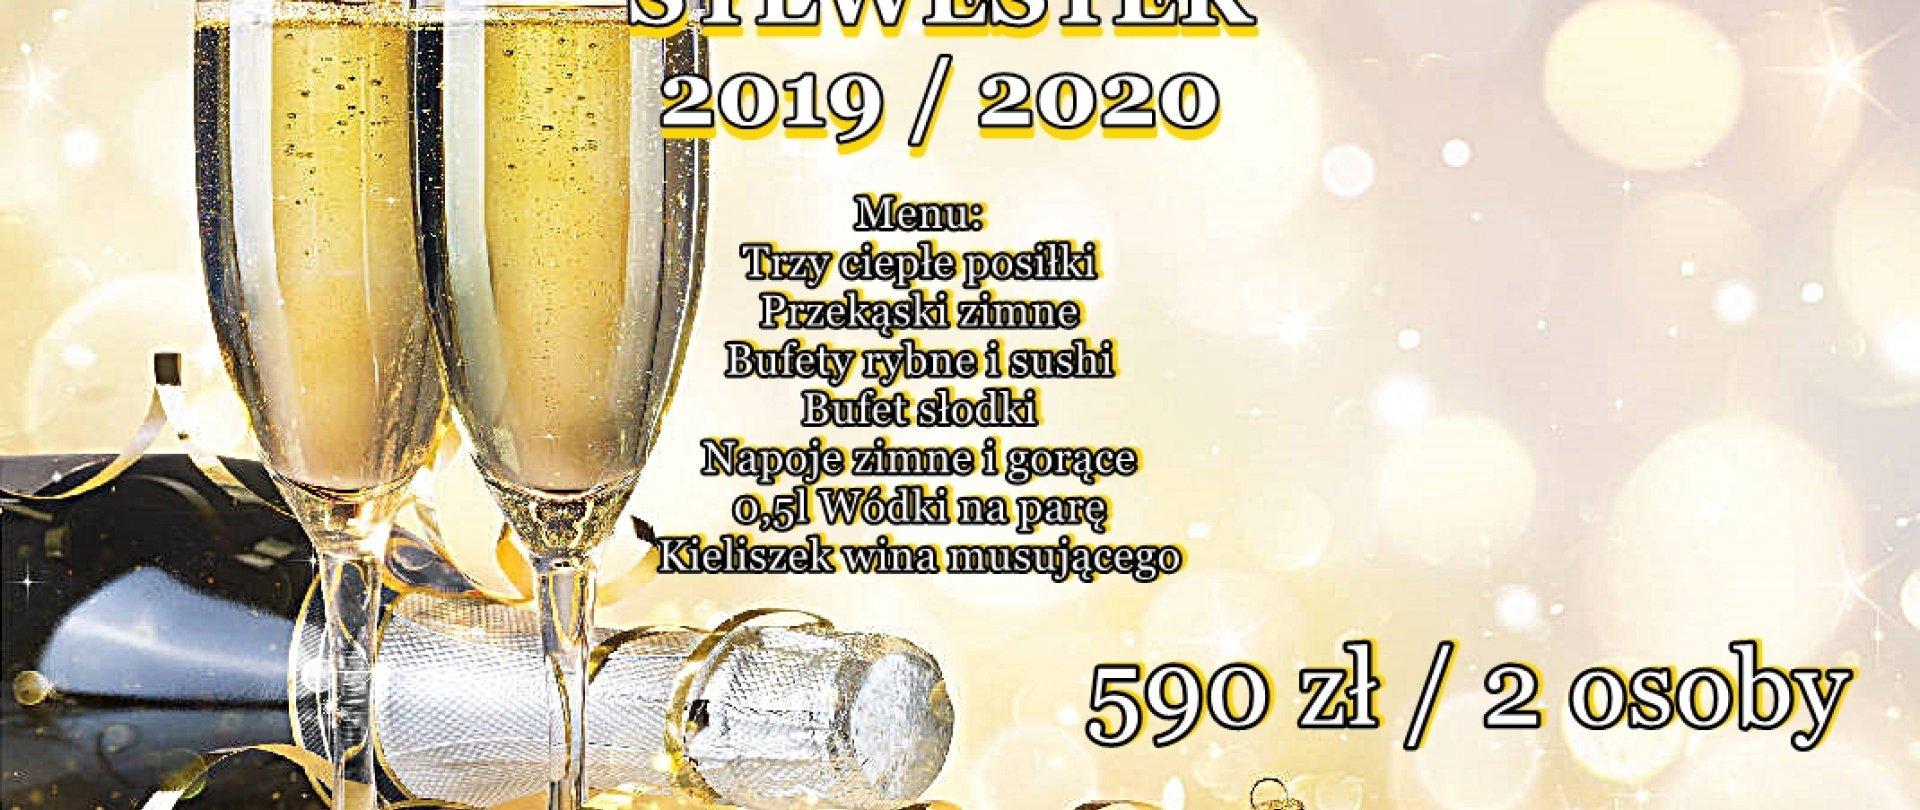 SYLWESTER 2019 / 2020